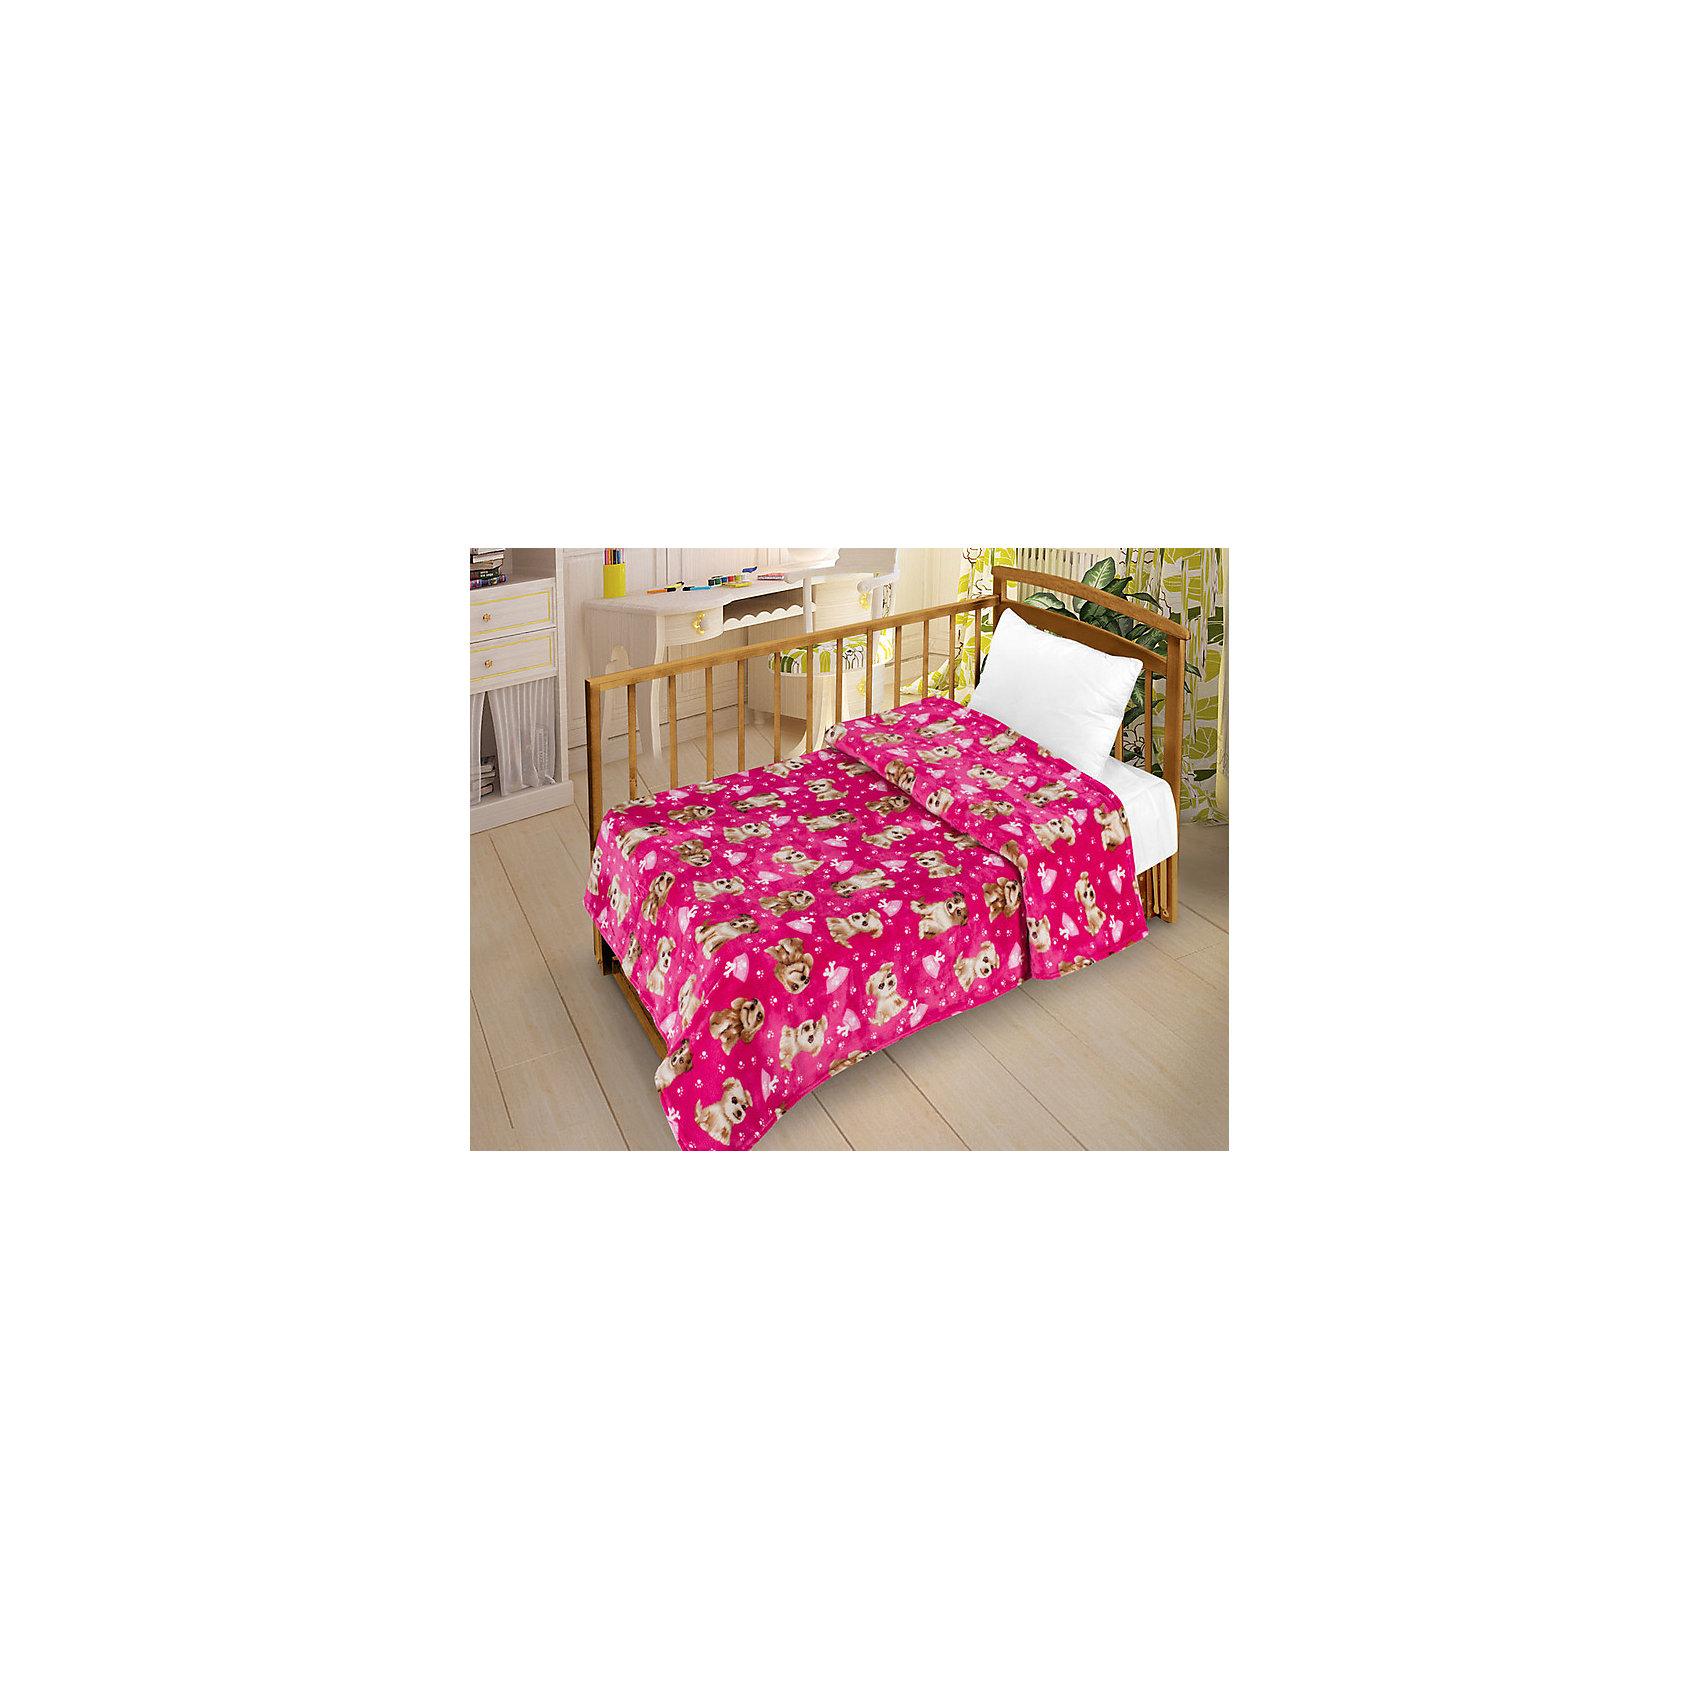 Плед  Велсофт-беби в кроватку VB13, Letto, 95см.Домашний текстиль<br>Плед  Велсофт-беби в кроватку VB13, Letto, 95см. – этот мягкий, приятный на ощупь плед, прекрасный вариант для кроватки ребенка.<br>Нежнейший плед в детскую кроватку создаст в детской комнате уют и приятную атмосферу. Плед изготовлен из современного материала велсофт. Ткань напоминает на ощупь плюшевую игрушку. Плед легкий и в то же время теплый. Плед можно использовать как покрывало или легкое одеяло, брать с собой в поездки, на прогулки. Он легко стирается и быстро сохнет. Гипоаллергенно.<br><br>Дополнительная информация:<br><br>- Размер: 95х130 см.<br>- Материал: велсофт<br><br>Плед  Велсофт-беби в кроватку VB13, Letto, 95см. можно купить в нашем интернет-магазине.<br><br>Ширина мм: 400<br>Глубина мм: 100<br>Высота мм: 500<br>Вес г: 1200<br>Возраст от месяцев: 0<br>Возраст до месяцев: 36<br>Пол: Унисекс<br>Возраст: Детский<br>SKU: 4947797